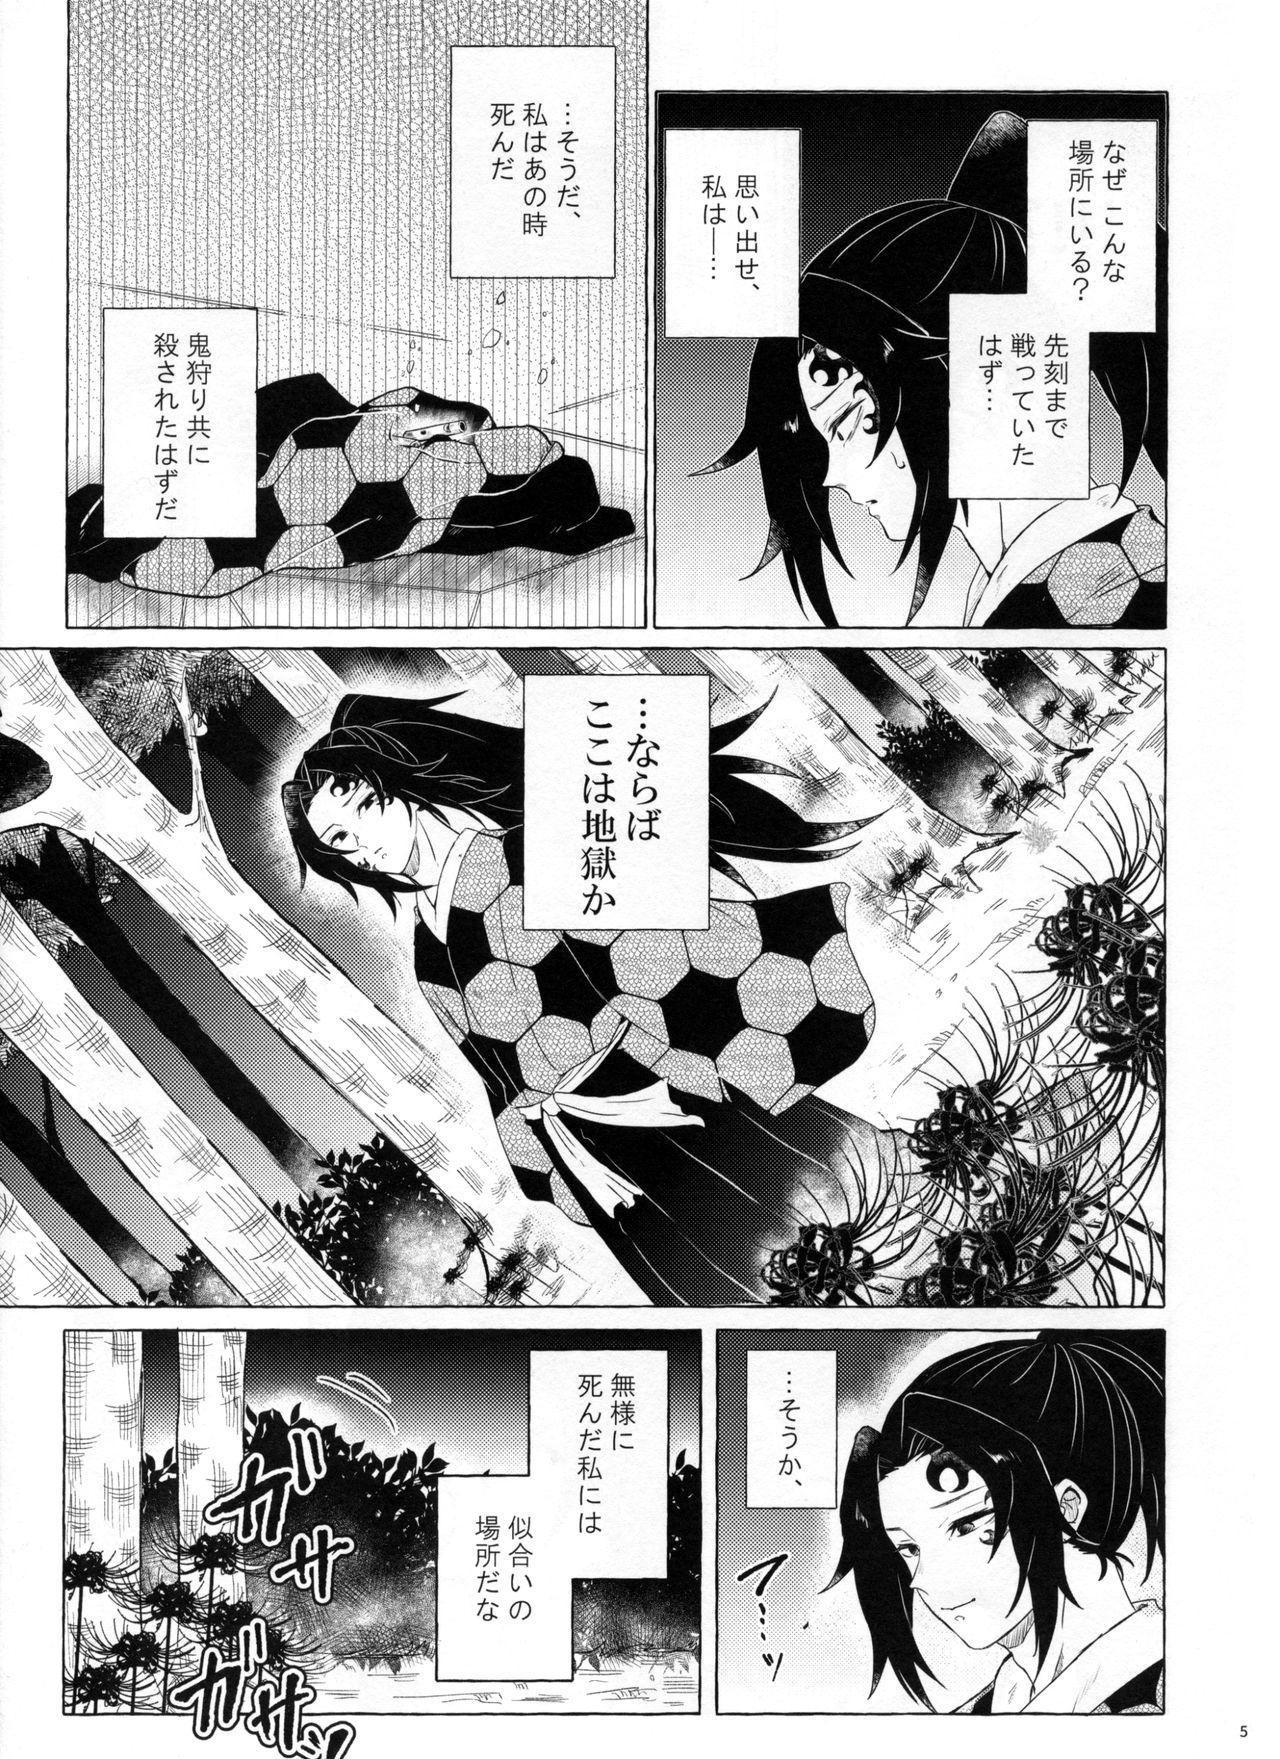 Tanoshii Jigoku no Icchoume 3